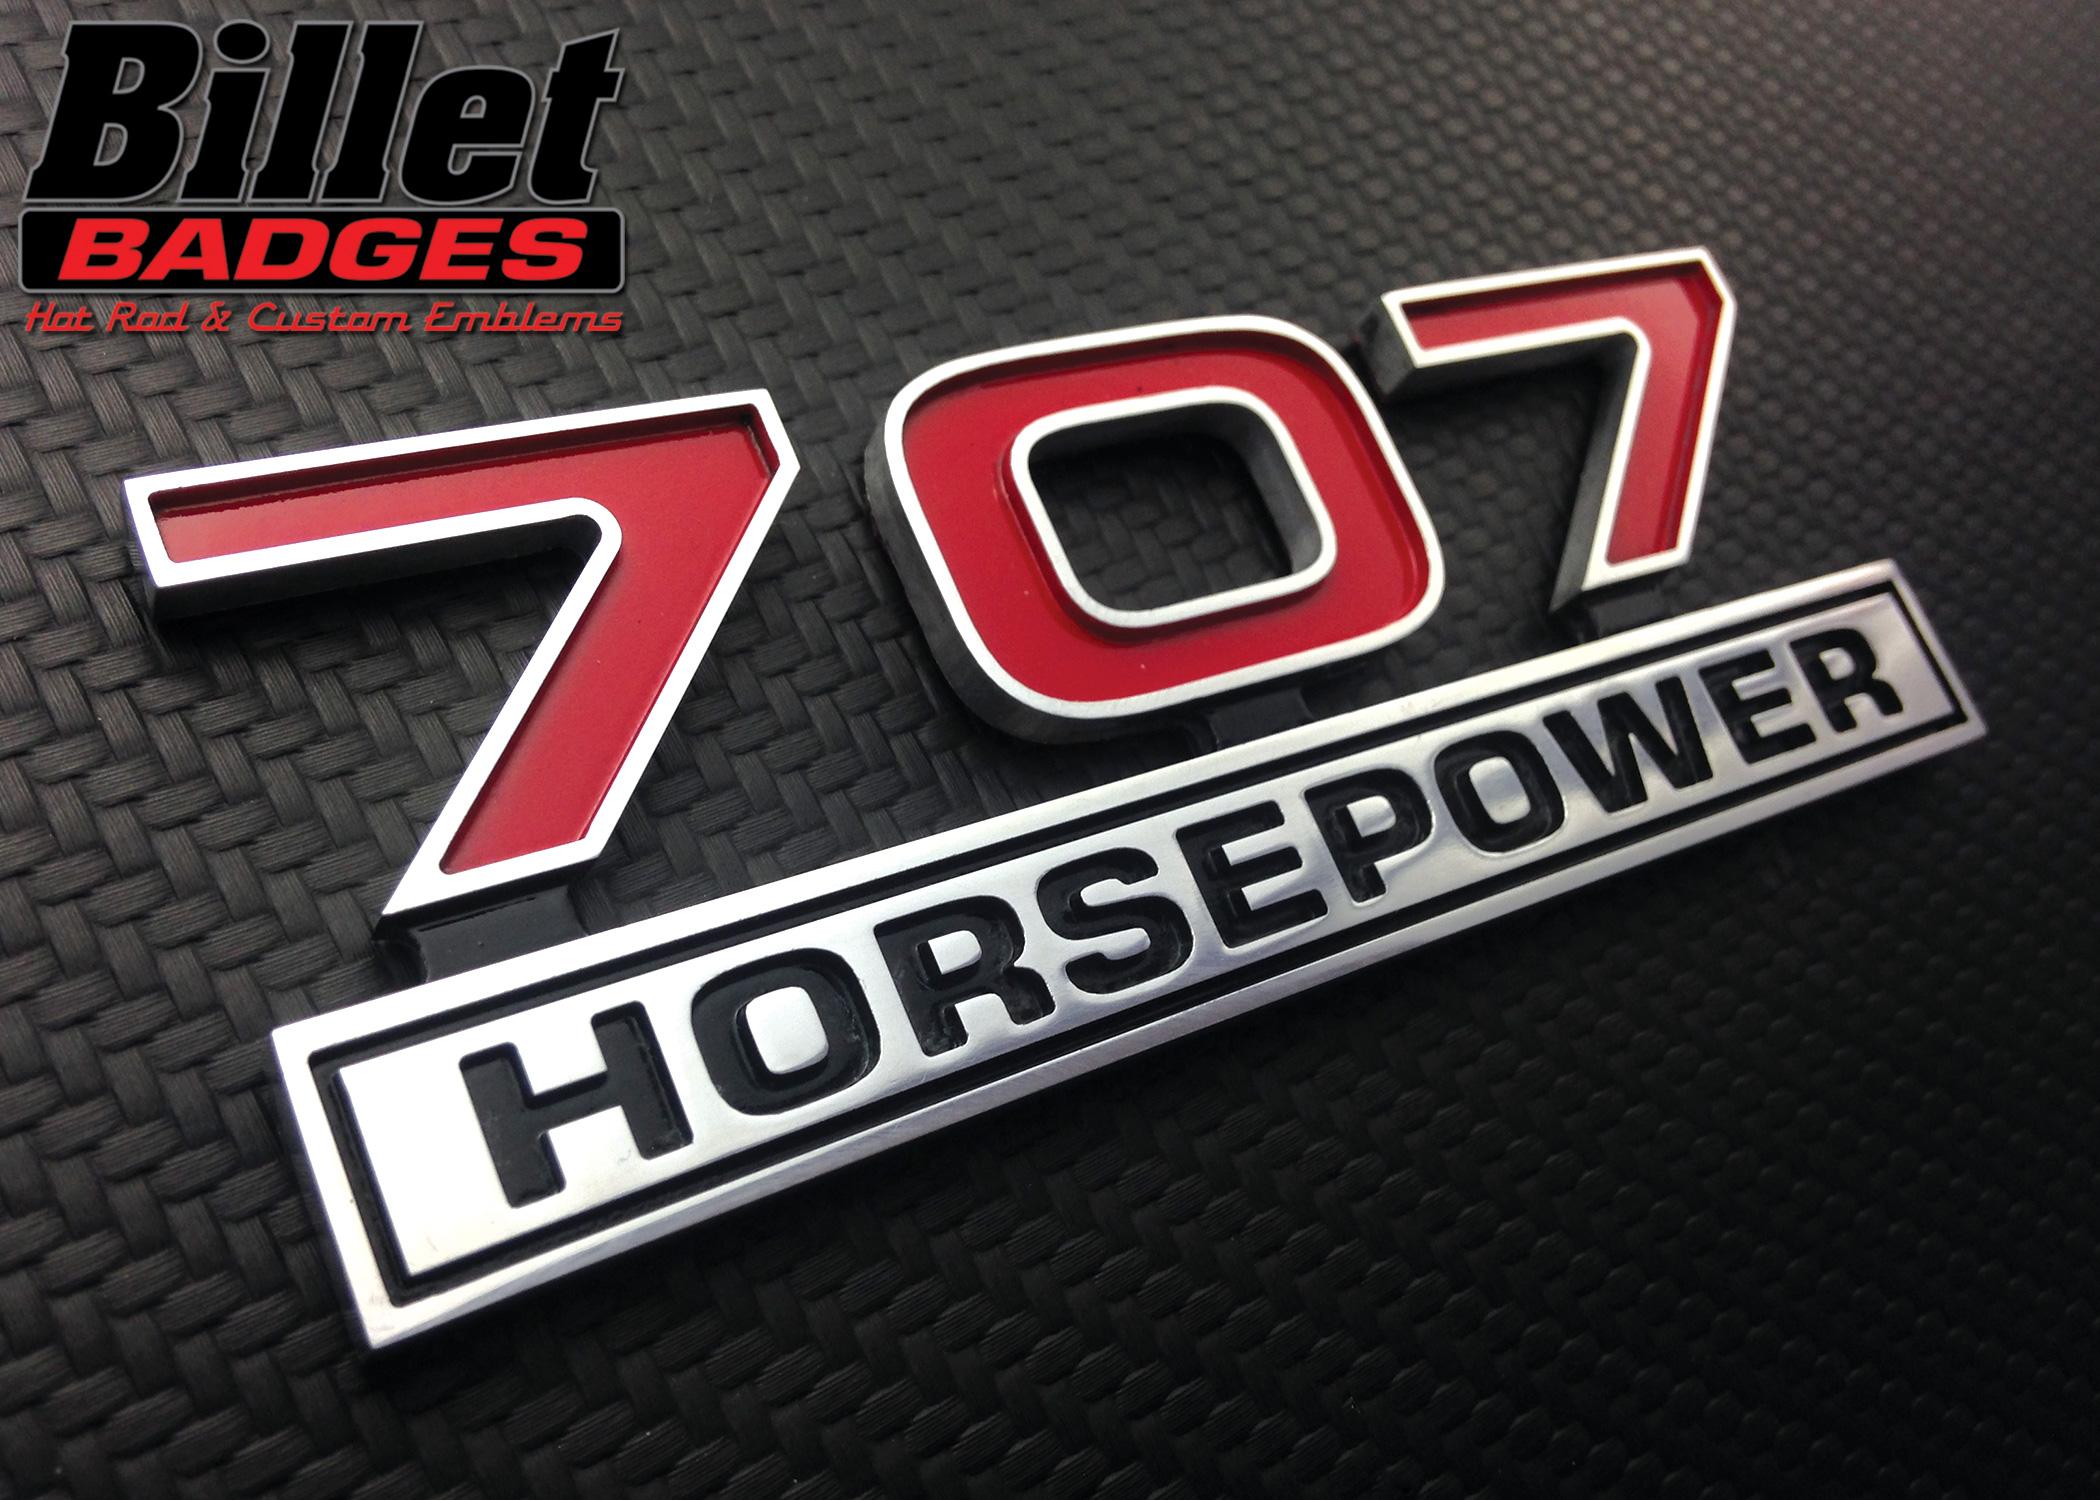 707 Horsepower